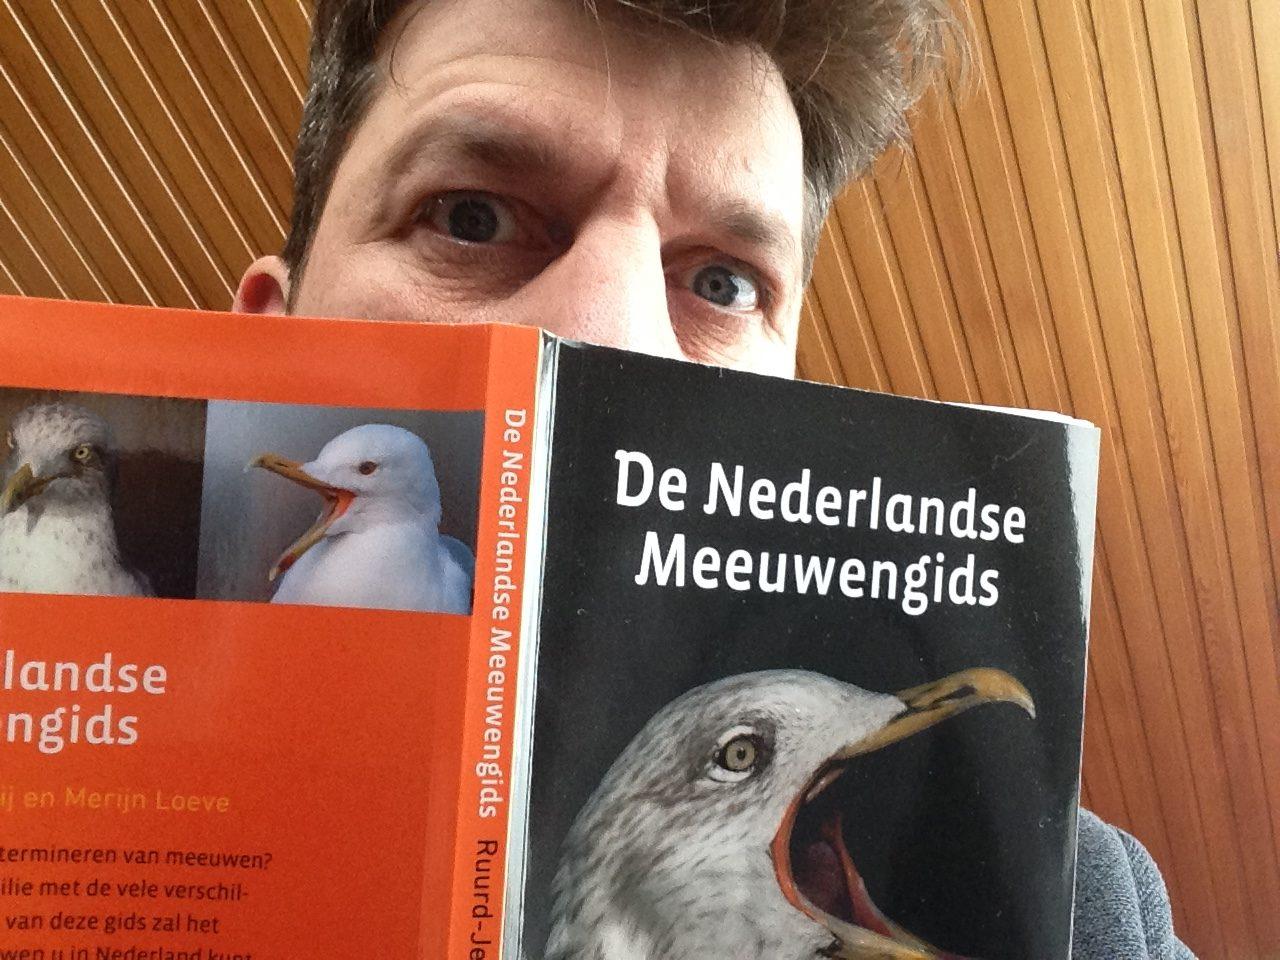 De Nederlandse Meeuwengids – Ruurd-Jelle van der Leij en Merijn Loeve